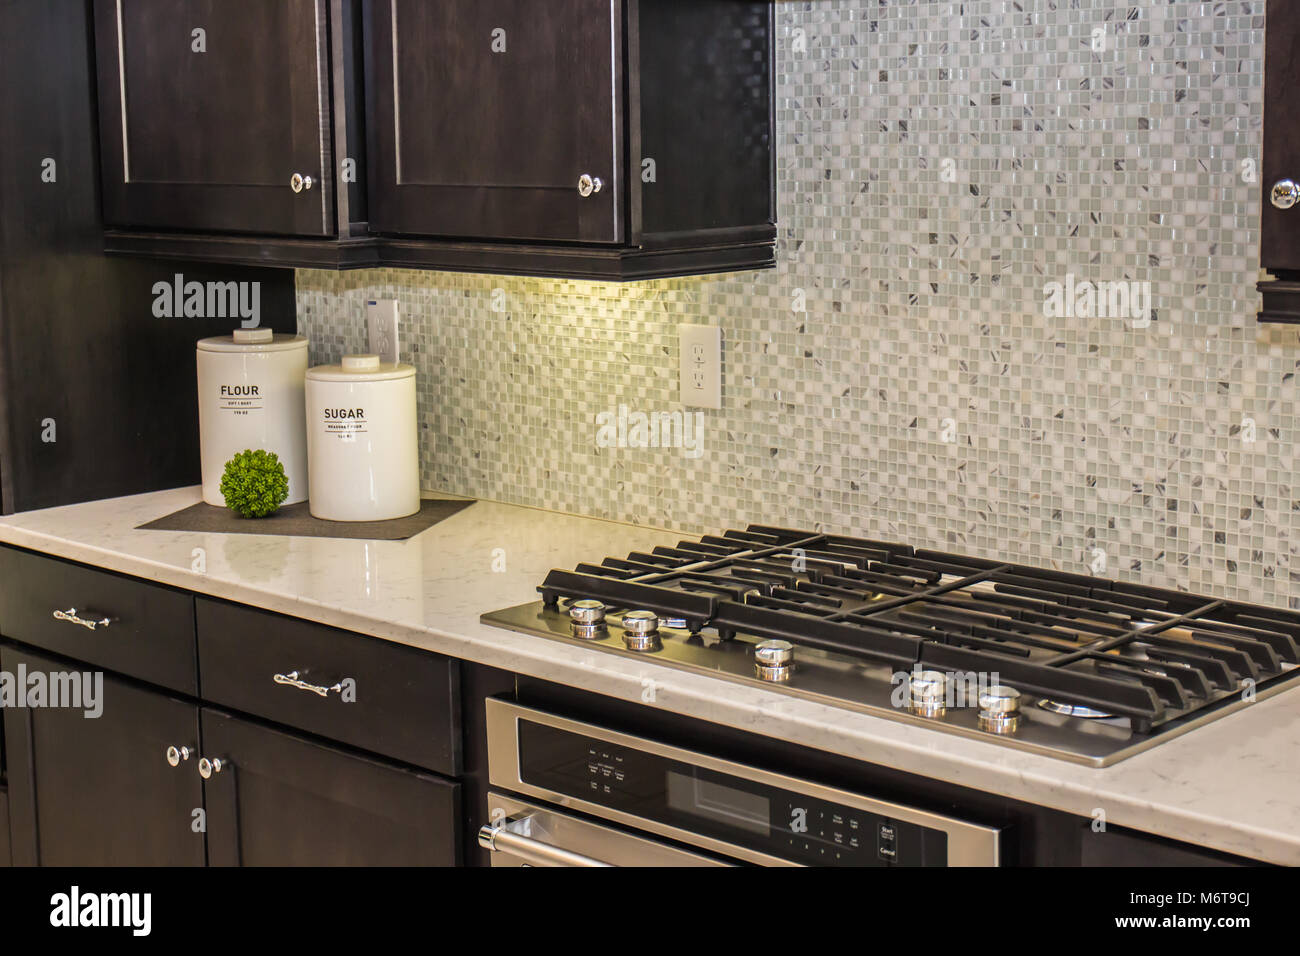 Tile Backsplash Stockfotos & Tile Backsplash Bilder - Alamy